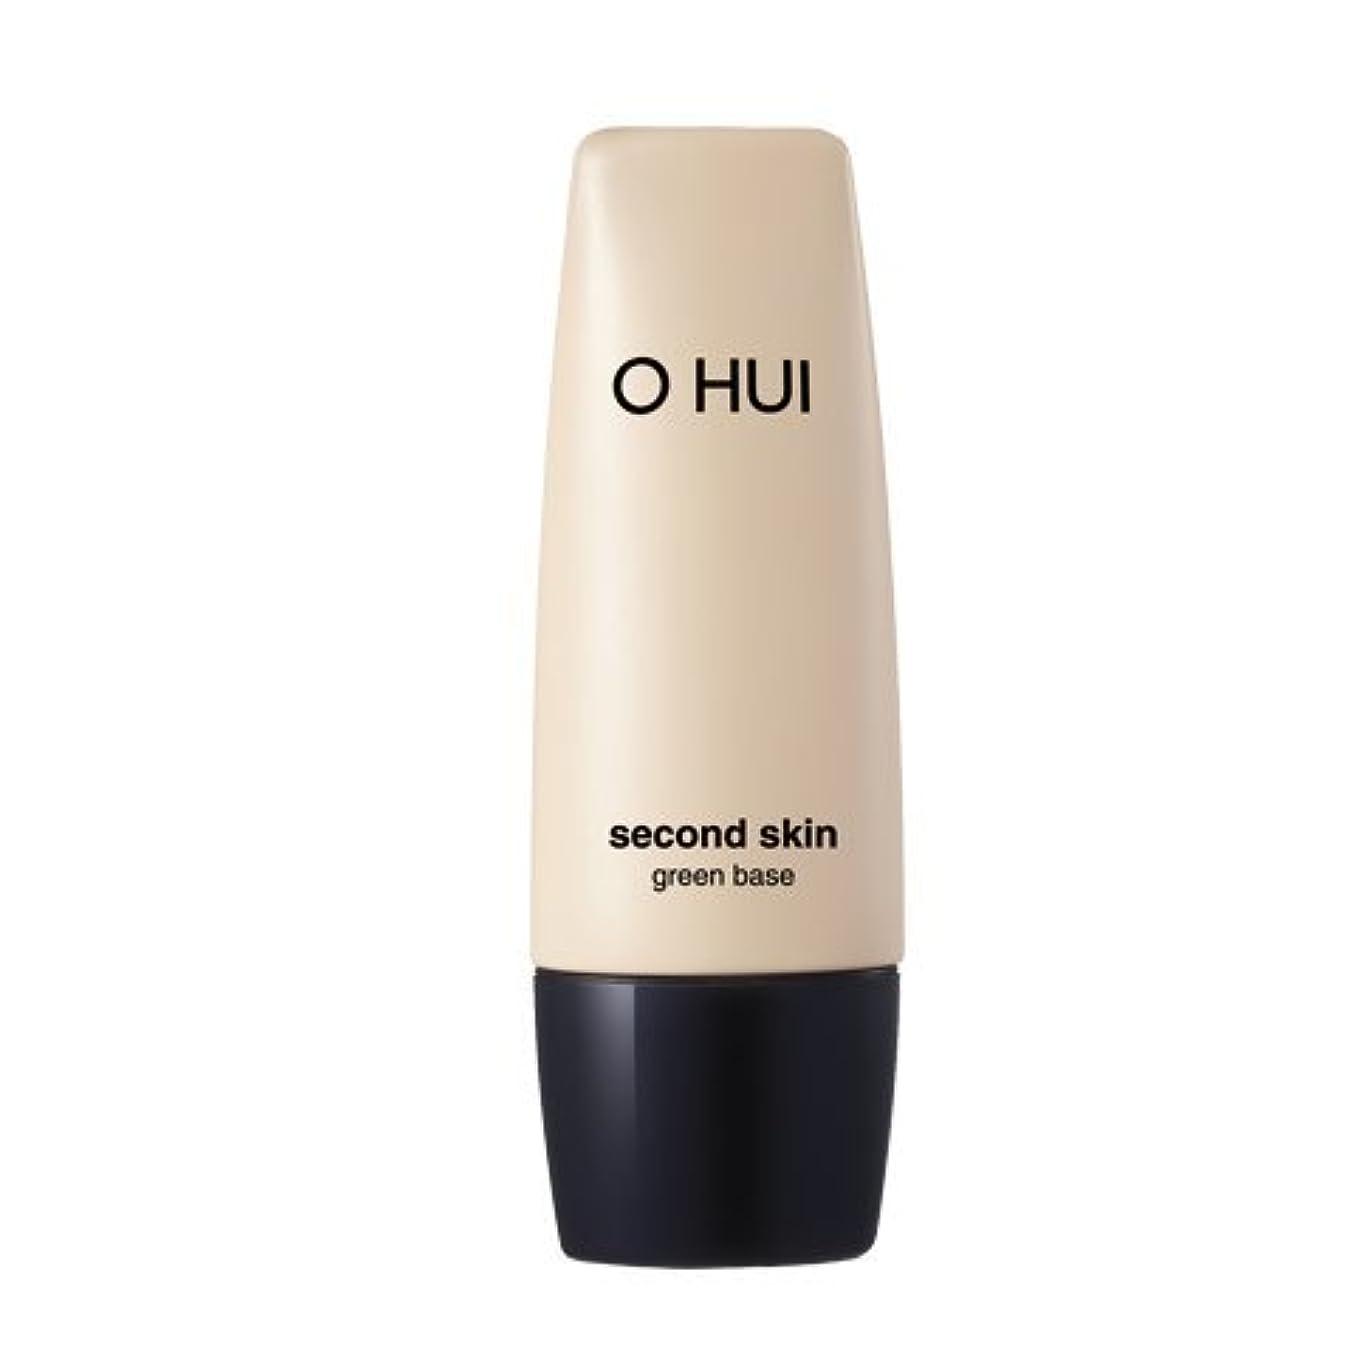 クロールつかまえる落とし穴OHUI Second Skin Green Base 40ml/オフィ セカンド スキン グリーン ベース 40ml